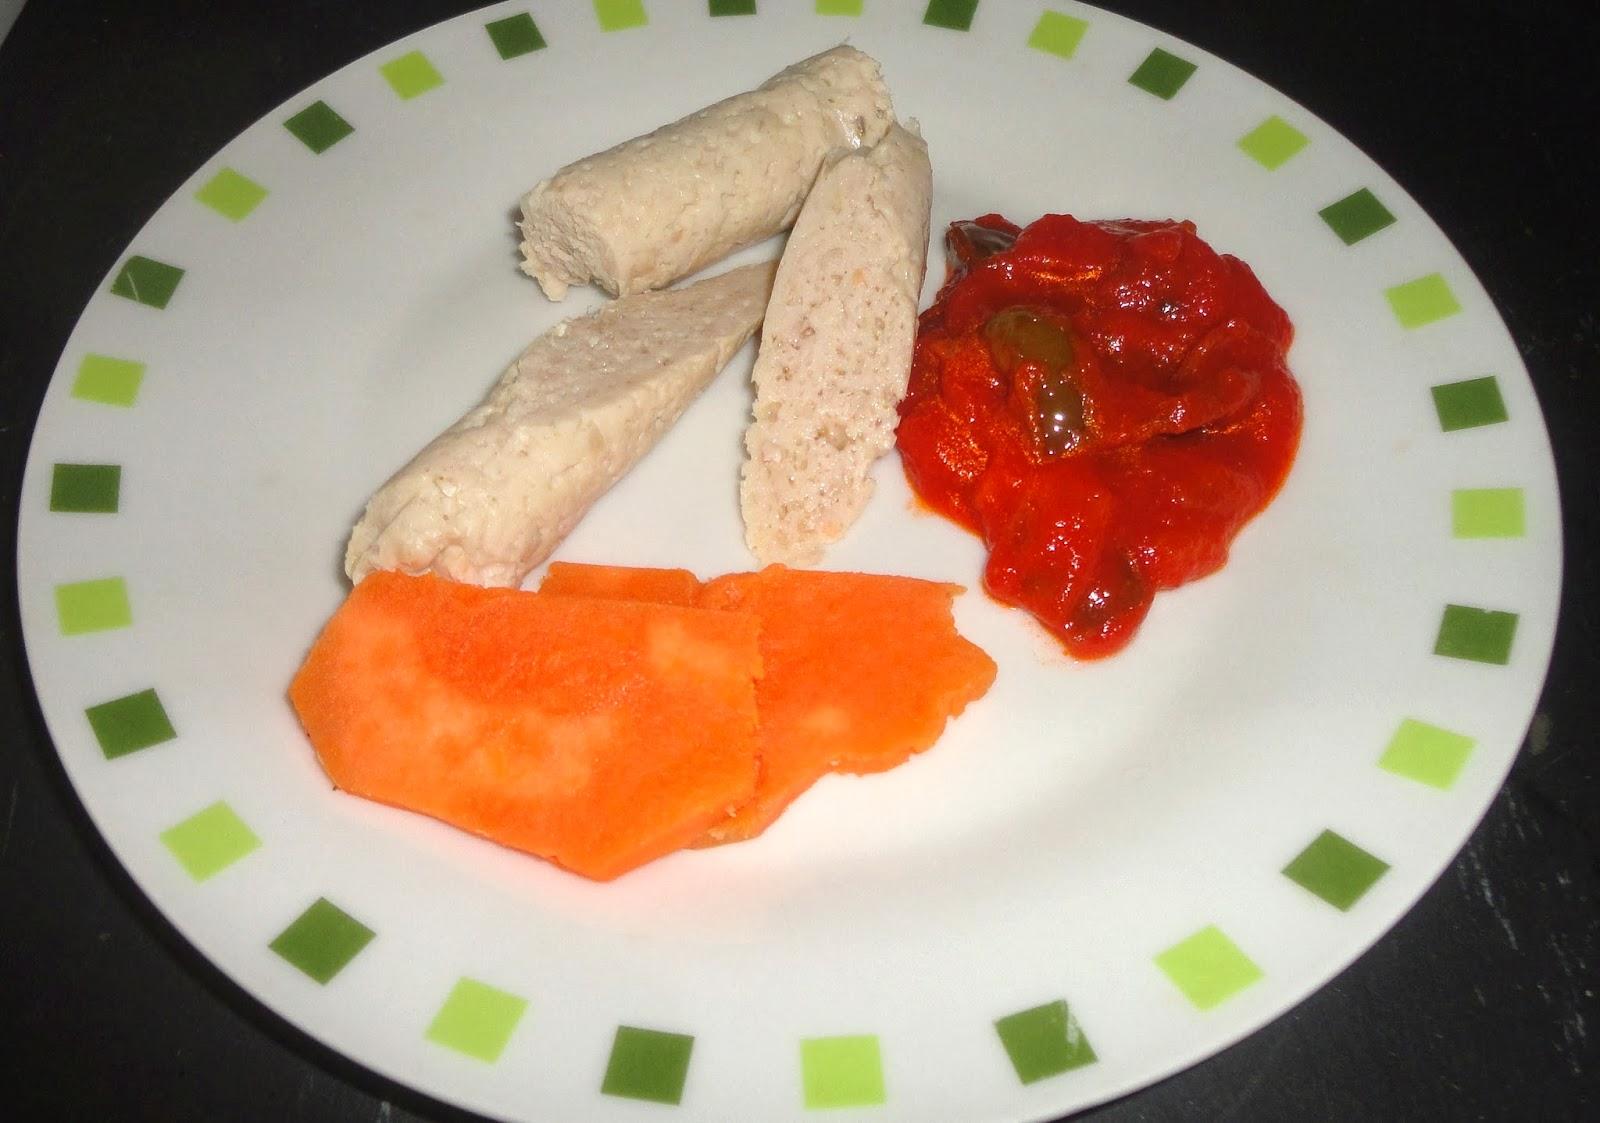 Voluntades dehoynopasay salchichas de pollo hechas en casa con salsa de manzana al lim n - Salsa de pollo al limon ...